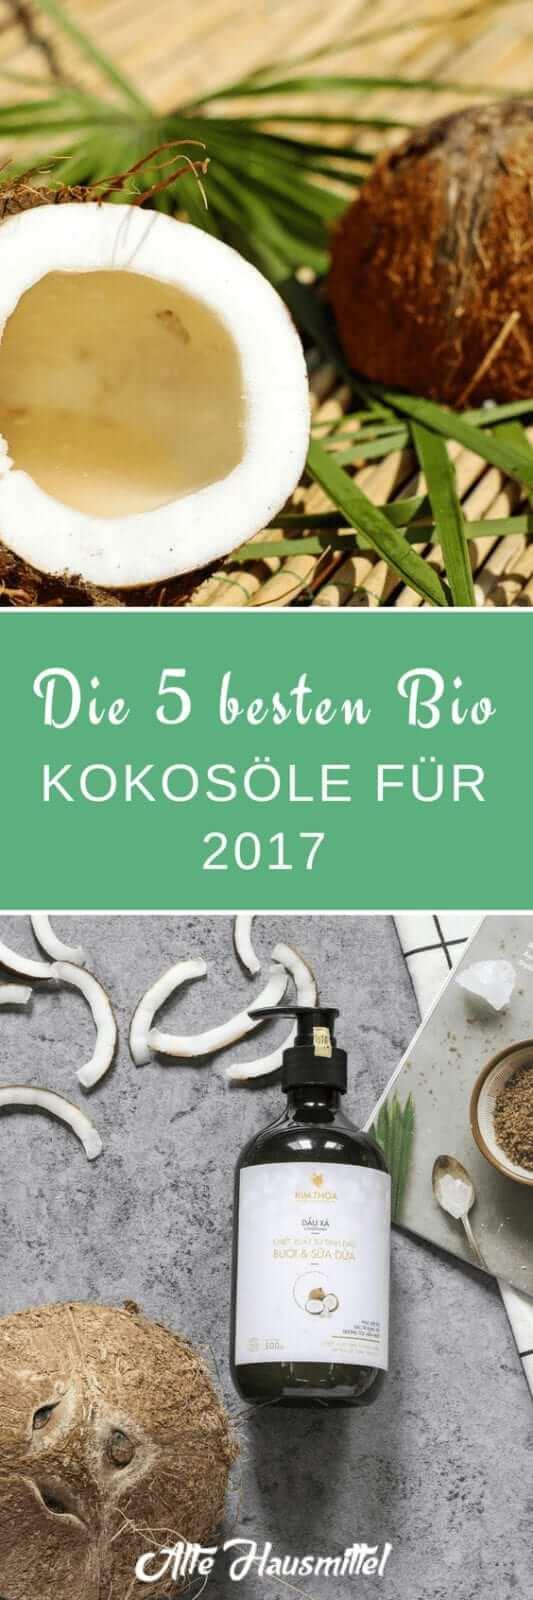 Die 5 besten Bio Kokosöle im Test & Vergleich